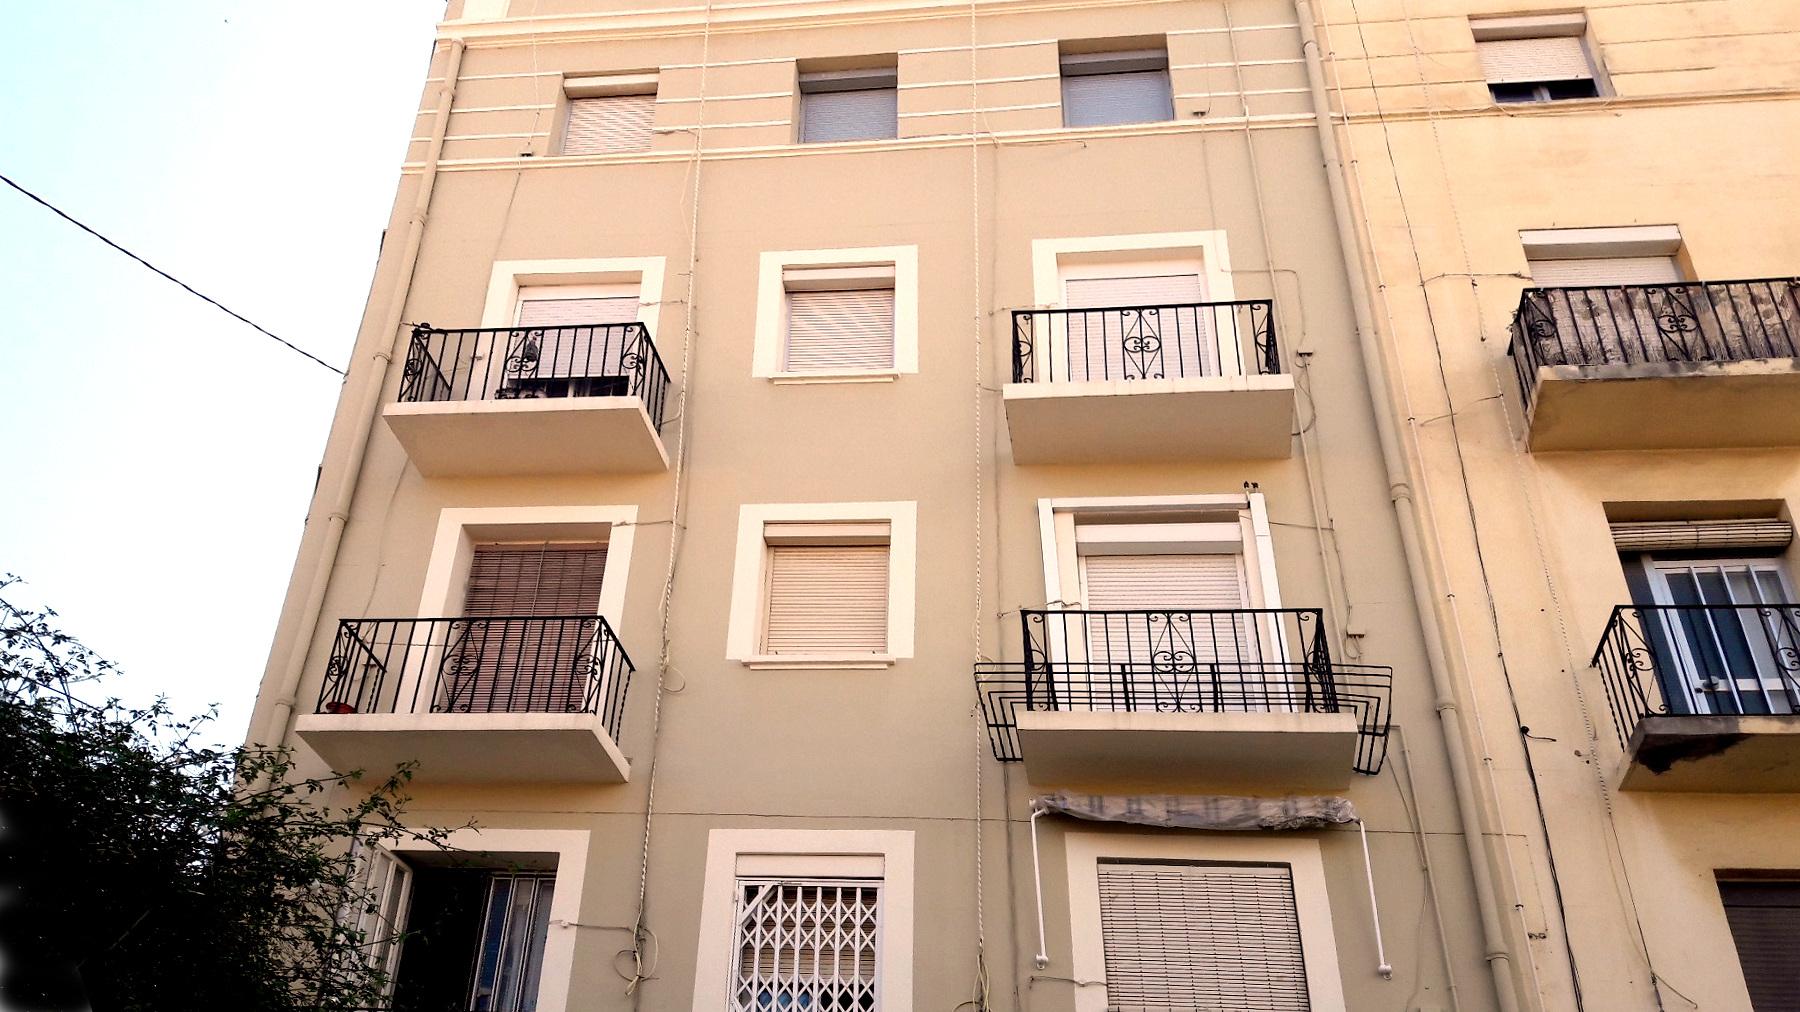 191833 - Piso en venta en Valencia / Piso en el Barrio Patraix